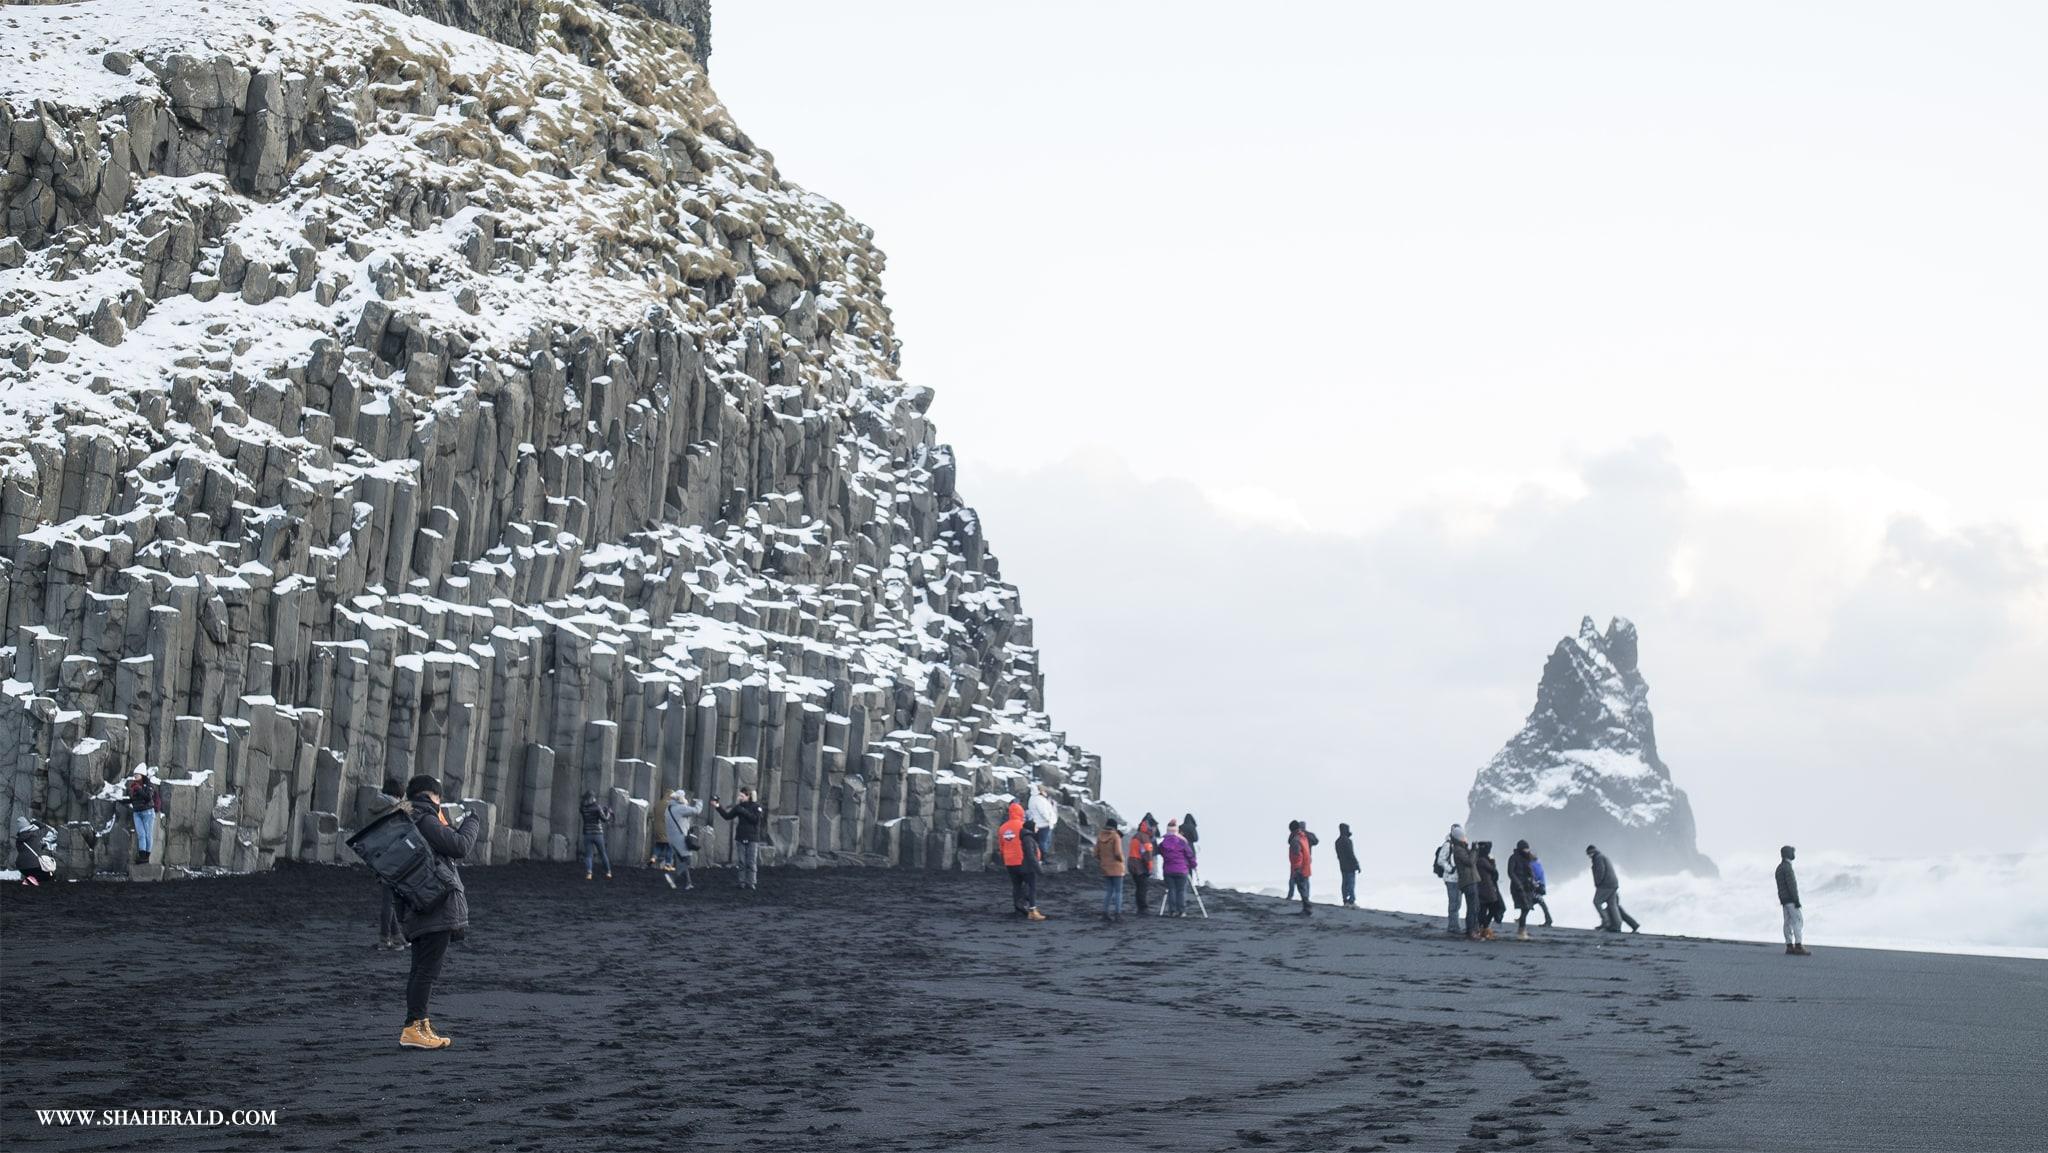 Przed wypadem w góry w Islandii, powiadom o tym znajomych.